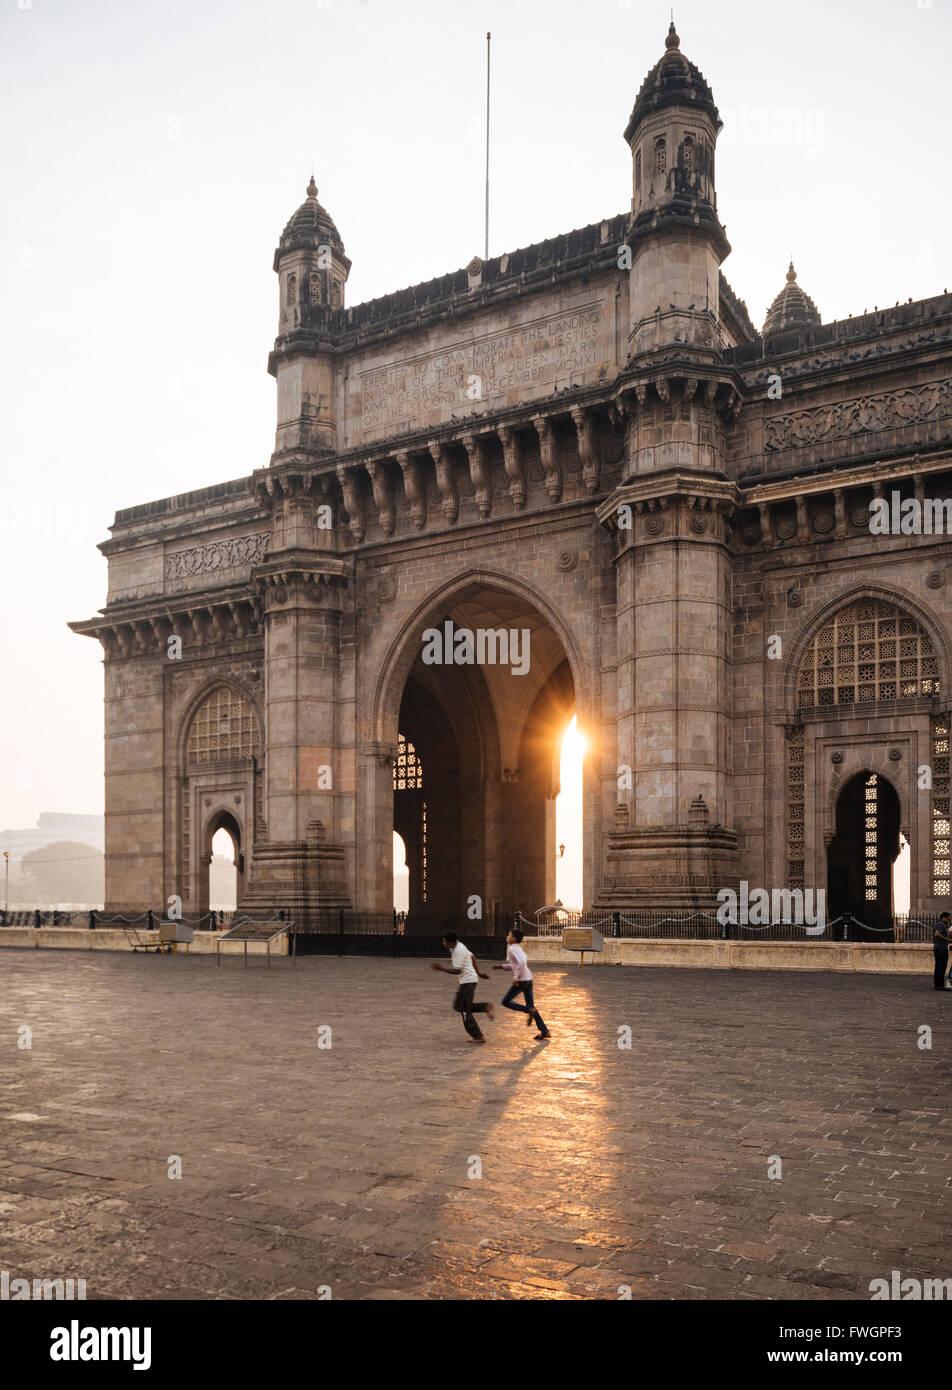 Amanecer detrás de la puerta de entrada a la India, Mumbai (Bombay), India, el sur de Asia Imagen De Stock